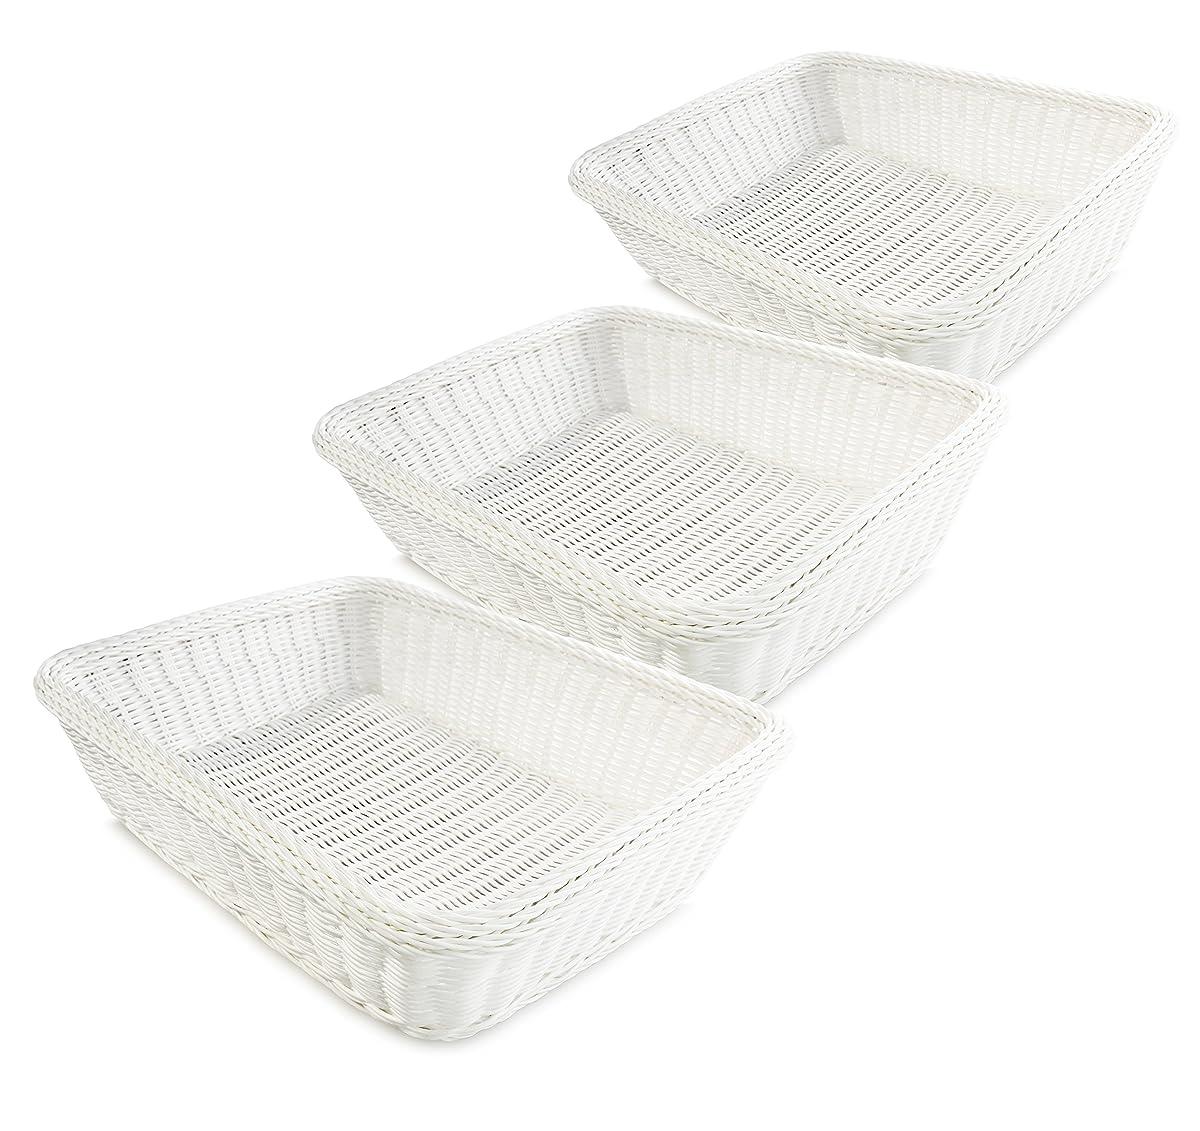 Colorbasket EV02522 Rectangular Thick Trim Storage Basket (Set of 3), Large, White